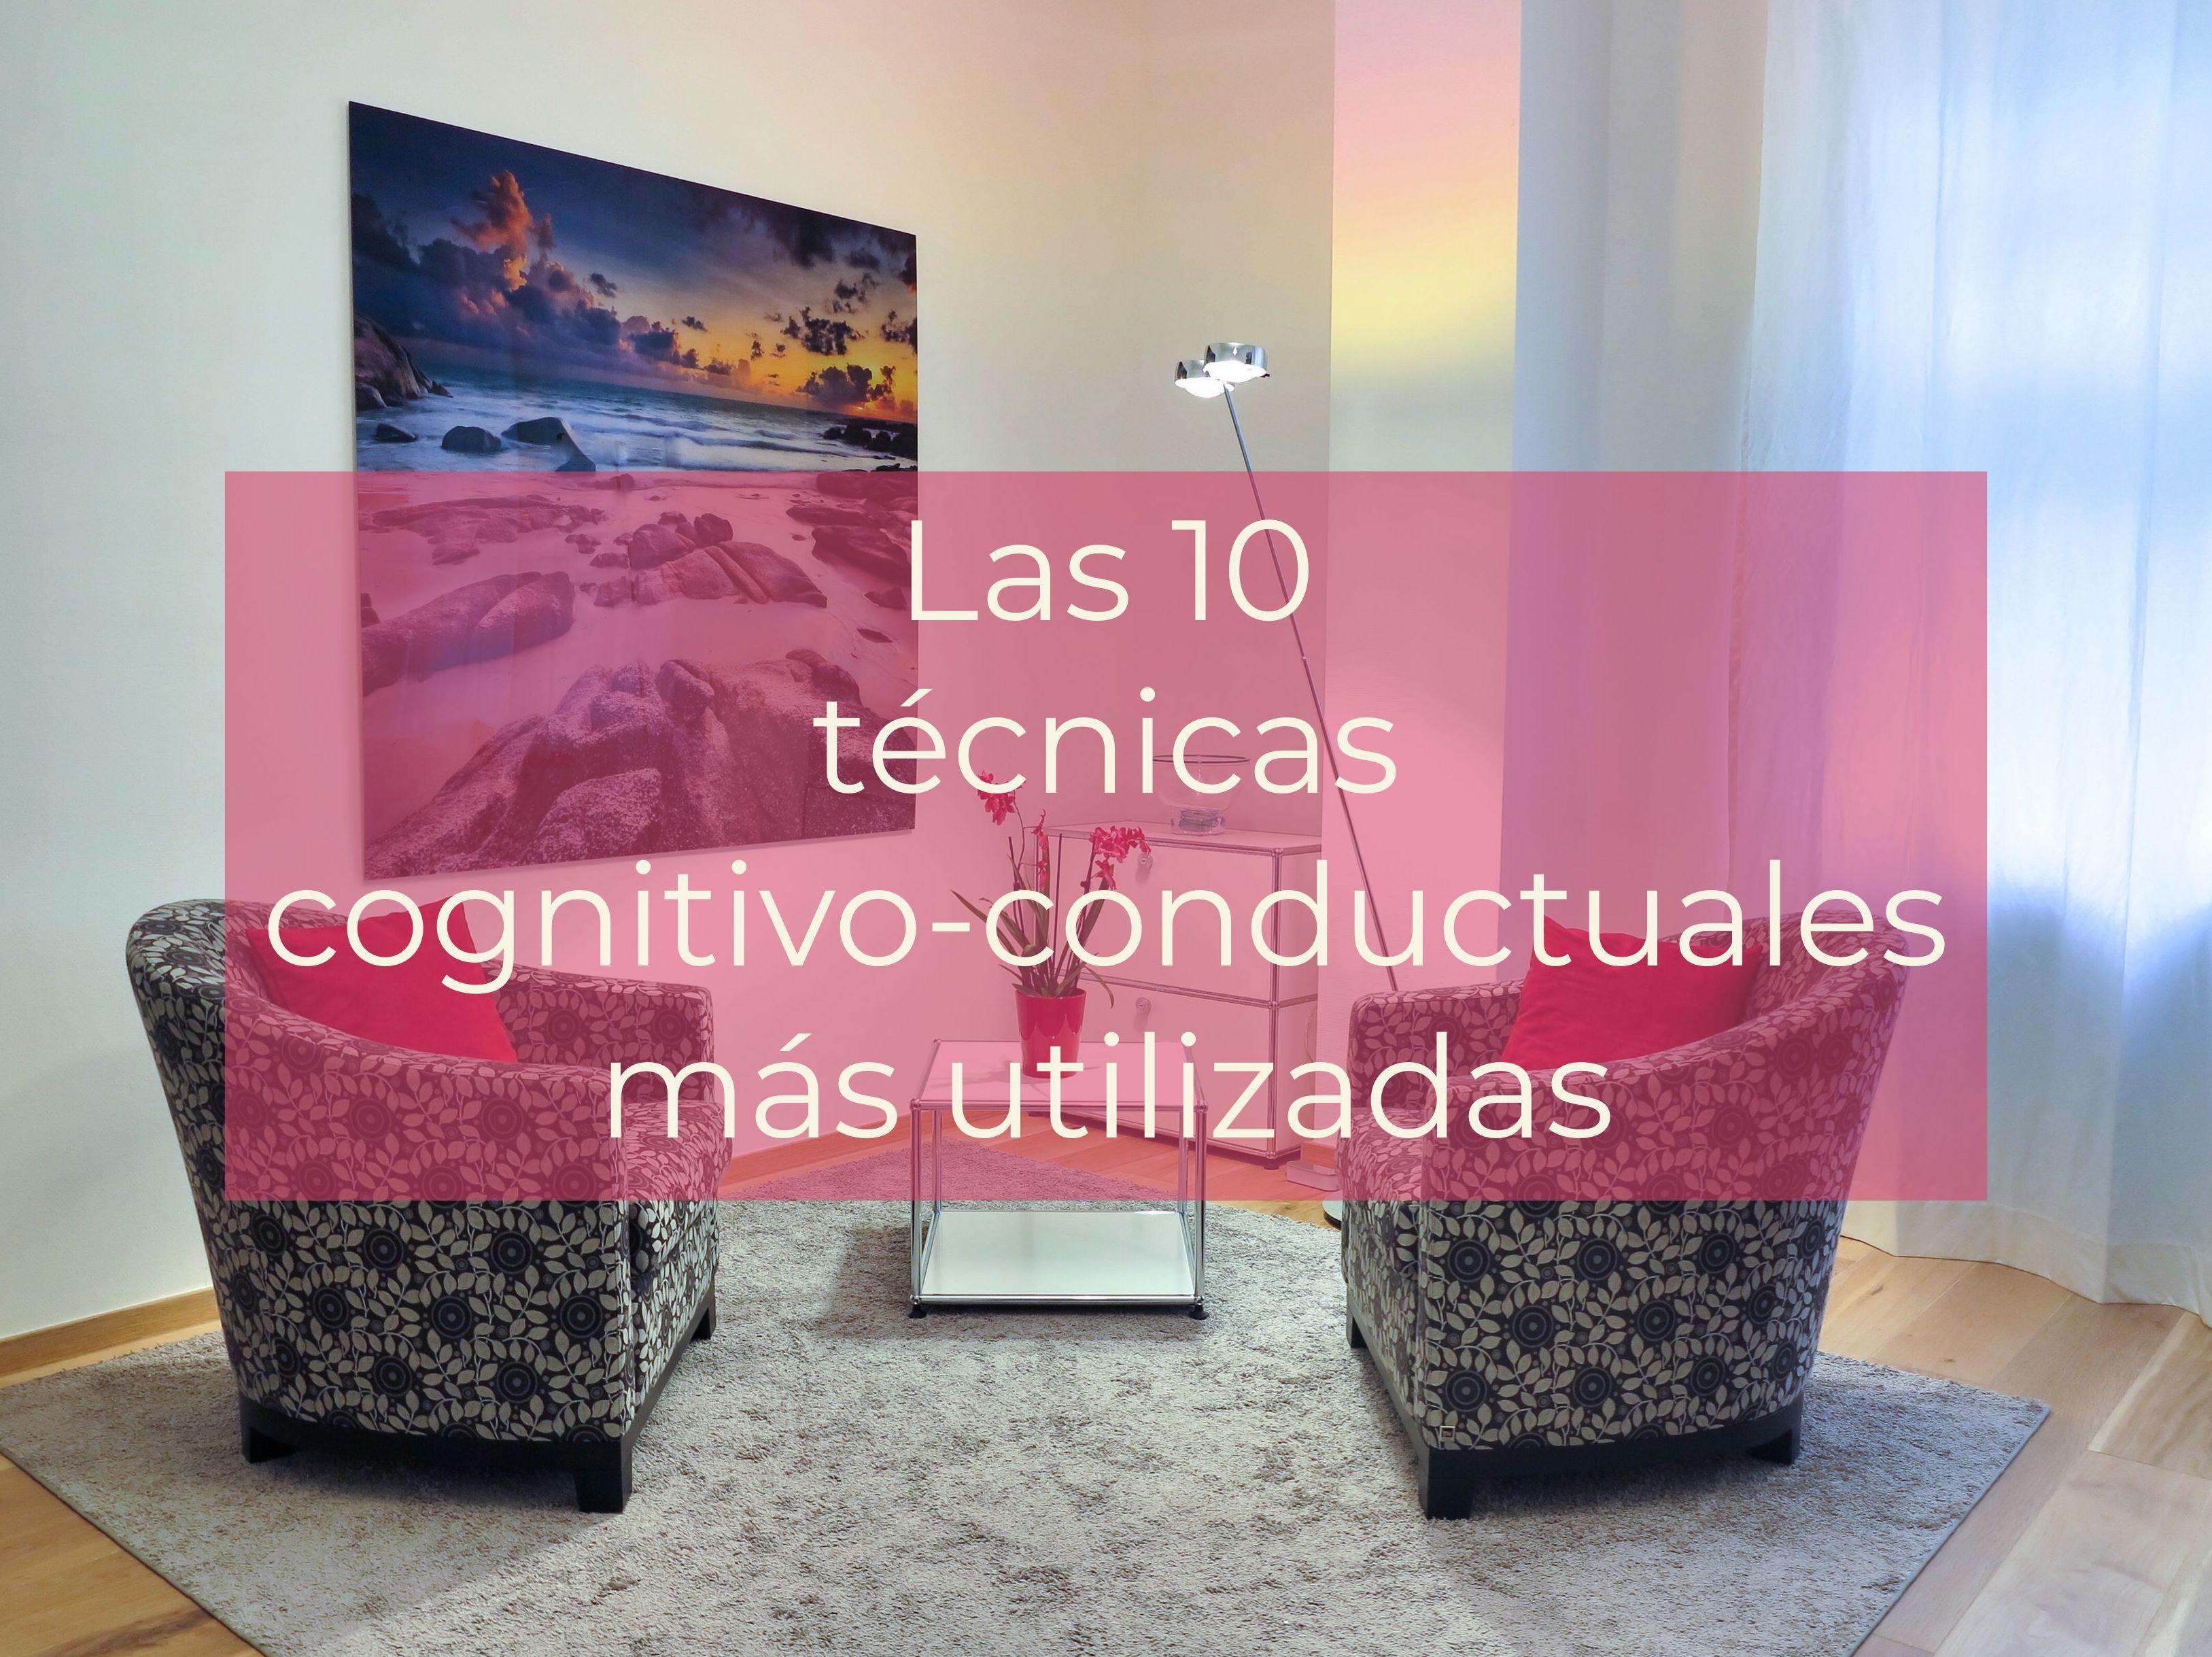 Las 10 técnicas cognitivo-conductuales más utilizadas